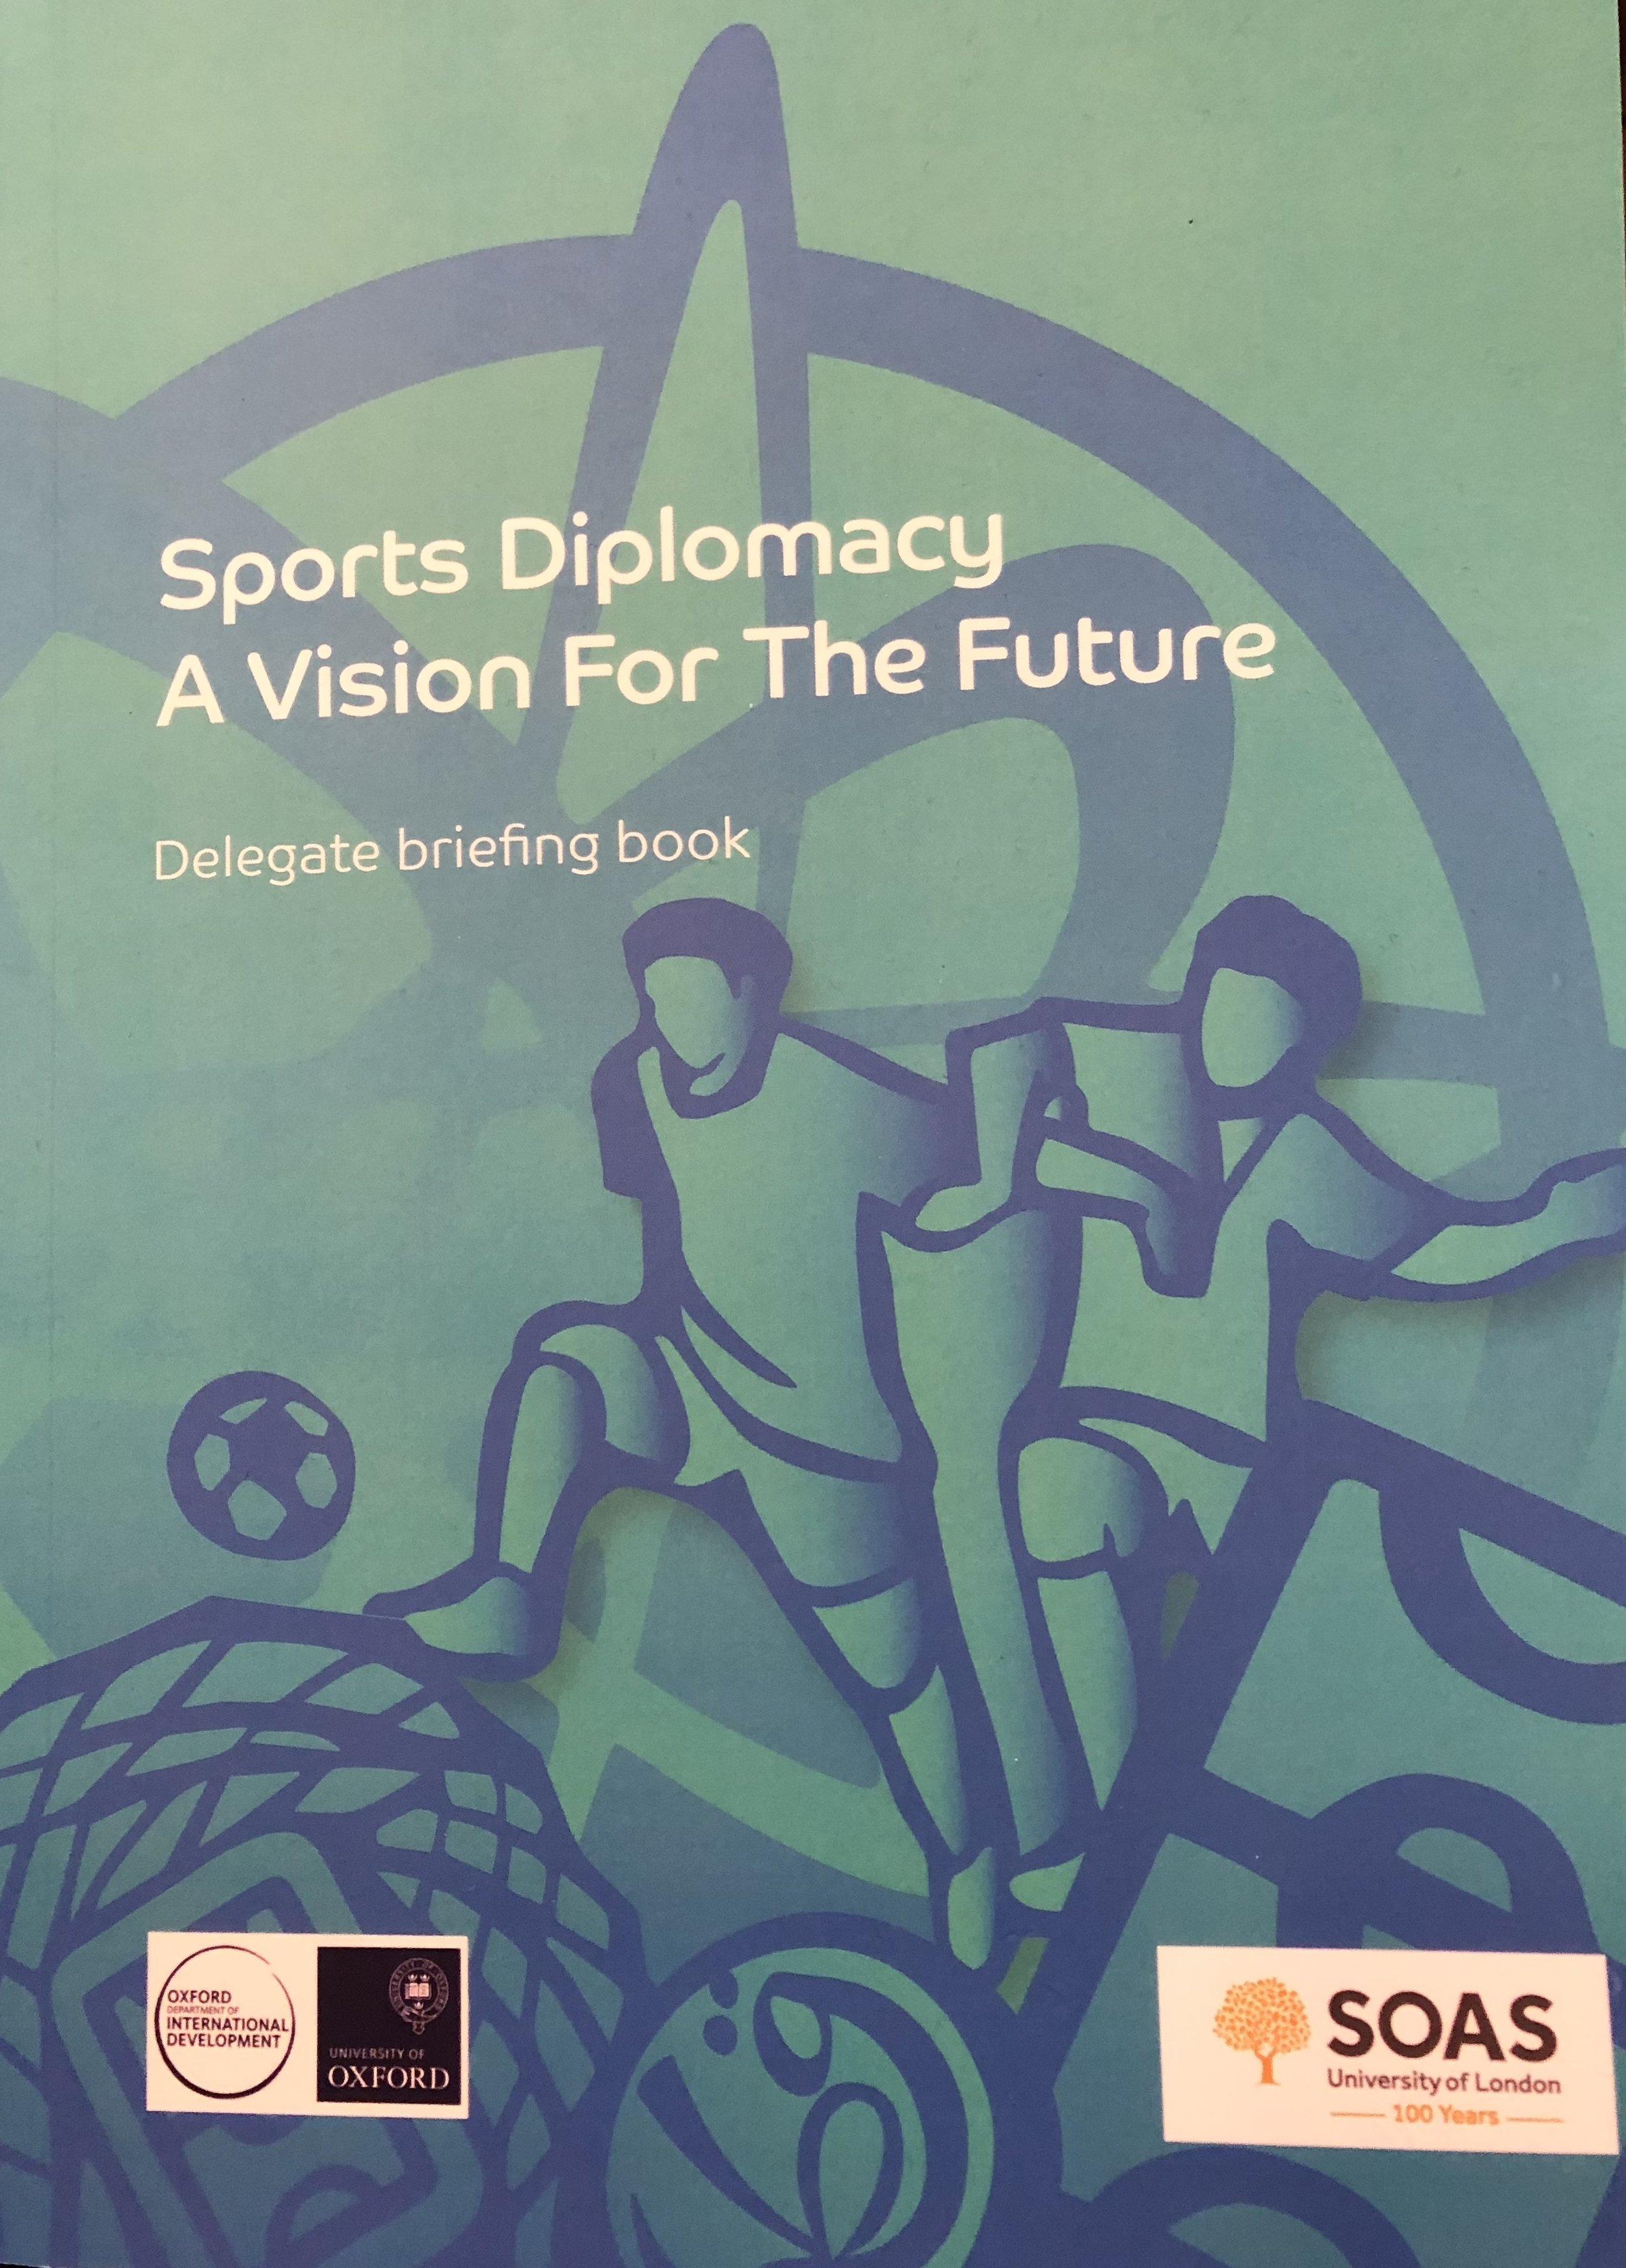 Sport Diplomacy Brief.jpg